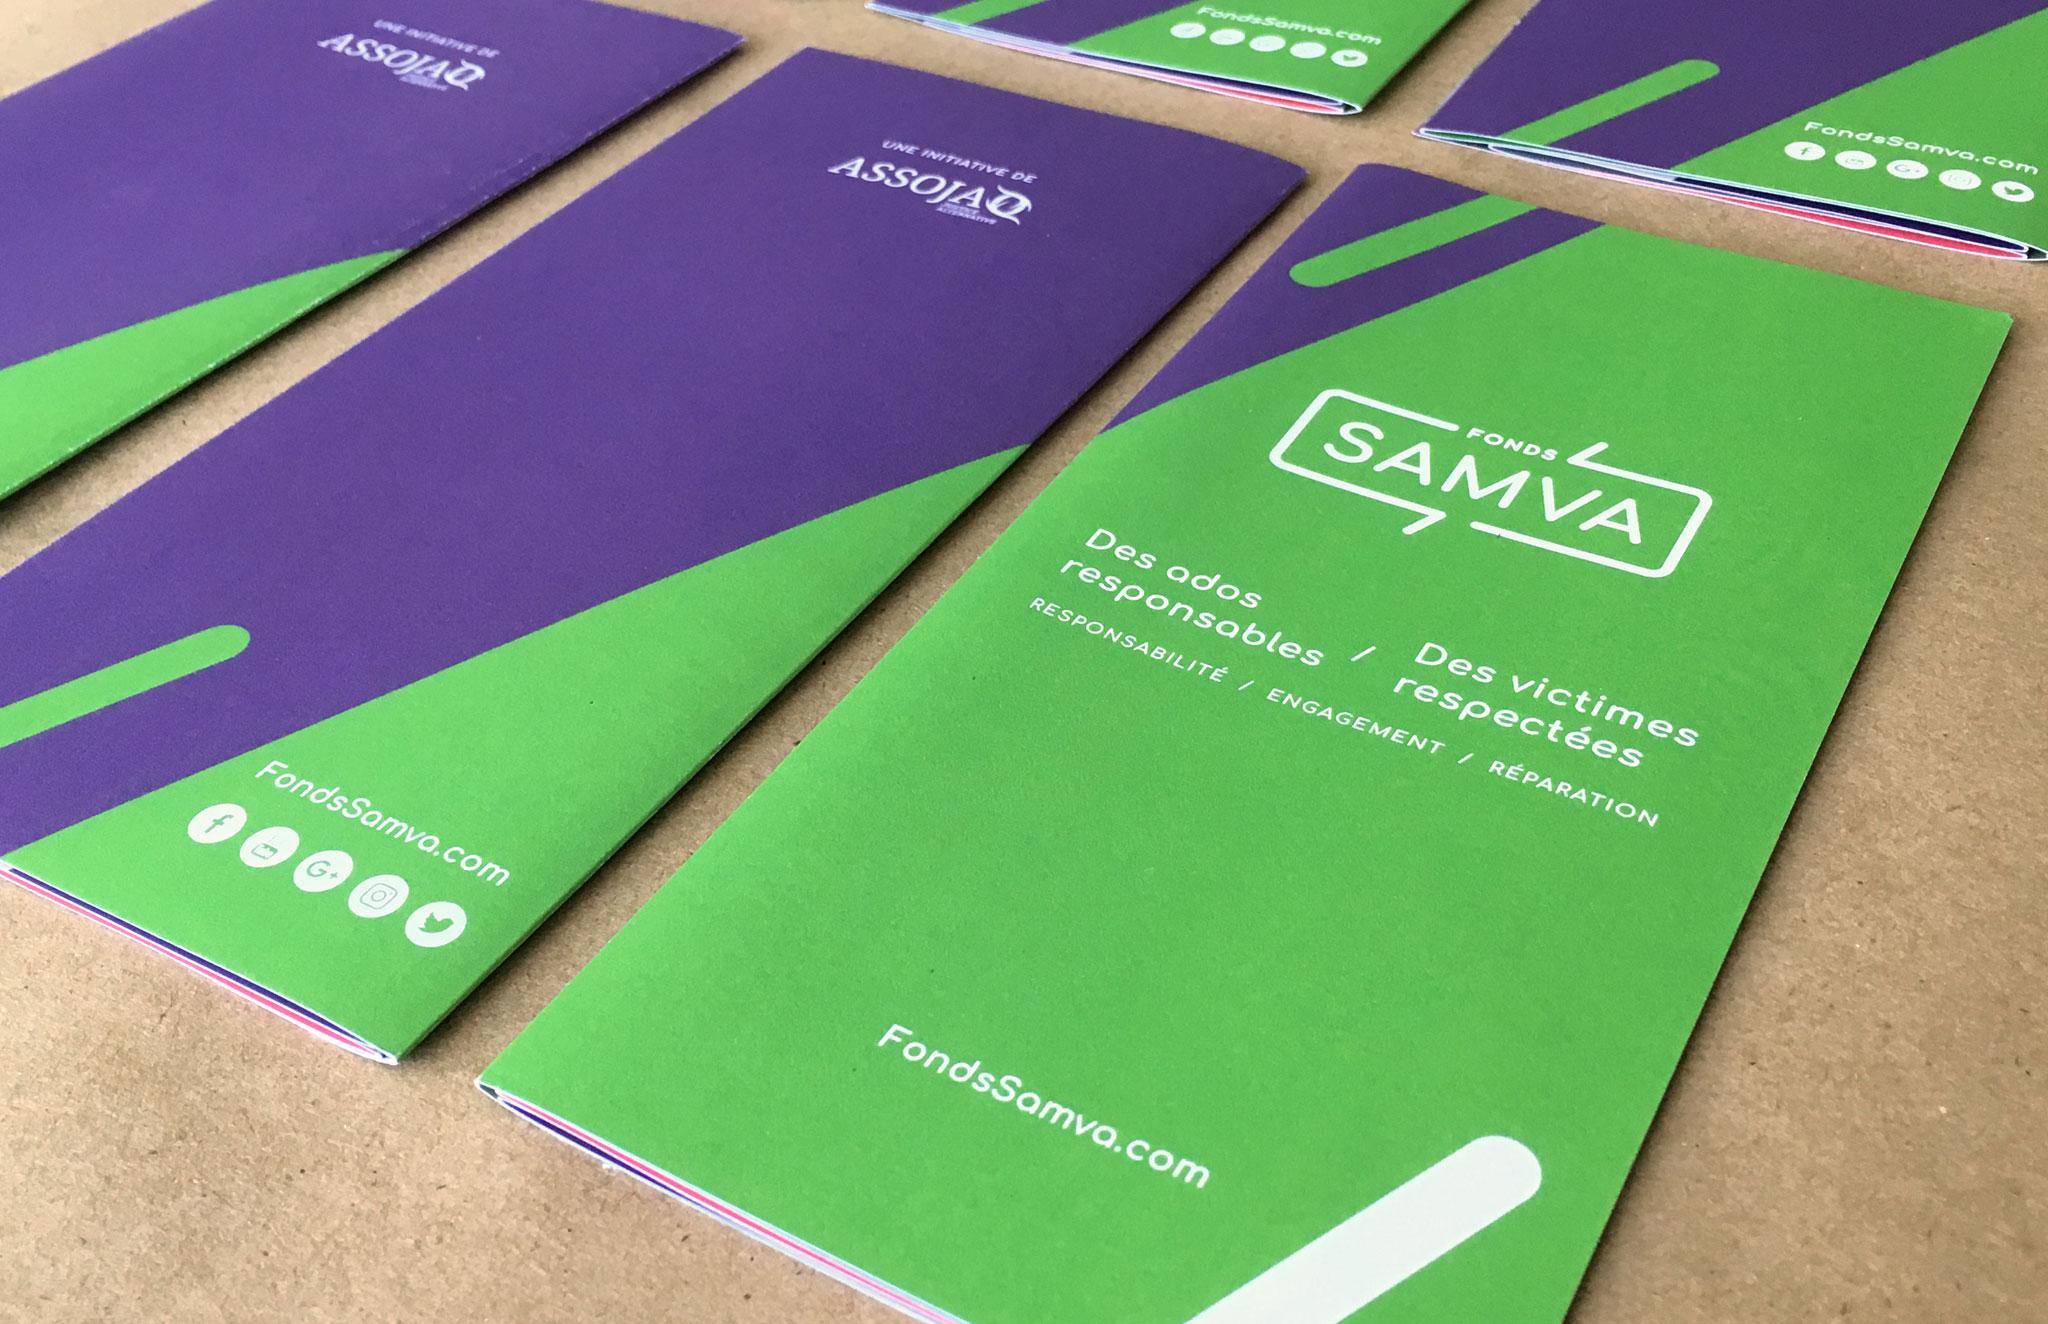 SAMVA - Fonds d'aide aux victimes - Identité visuel & outils de communication.